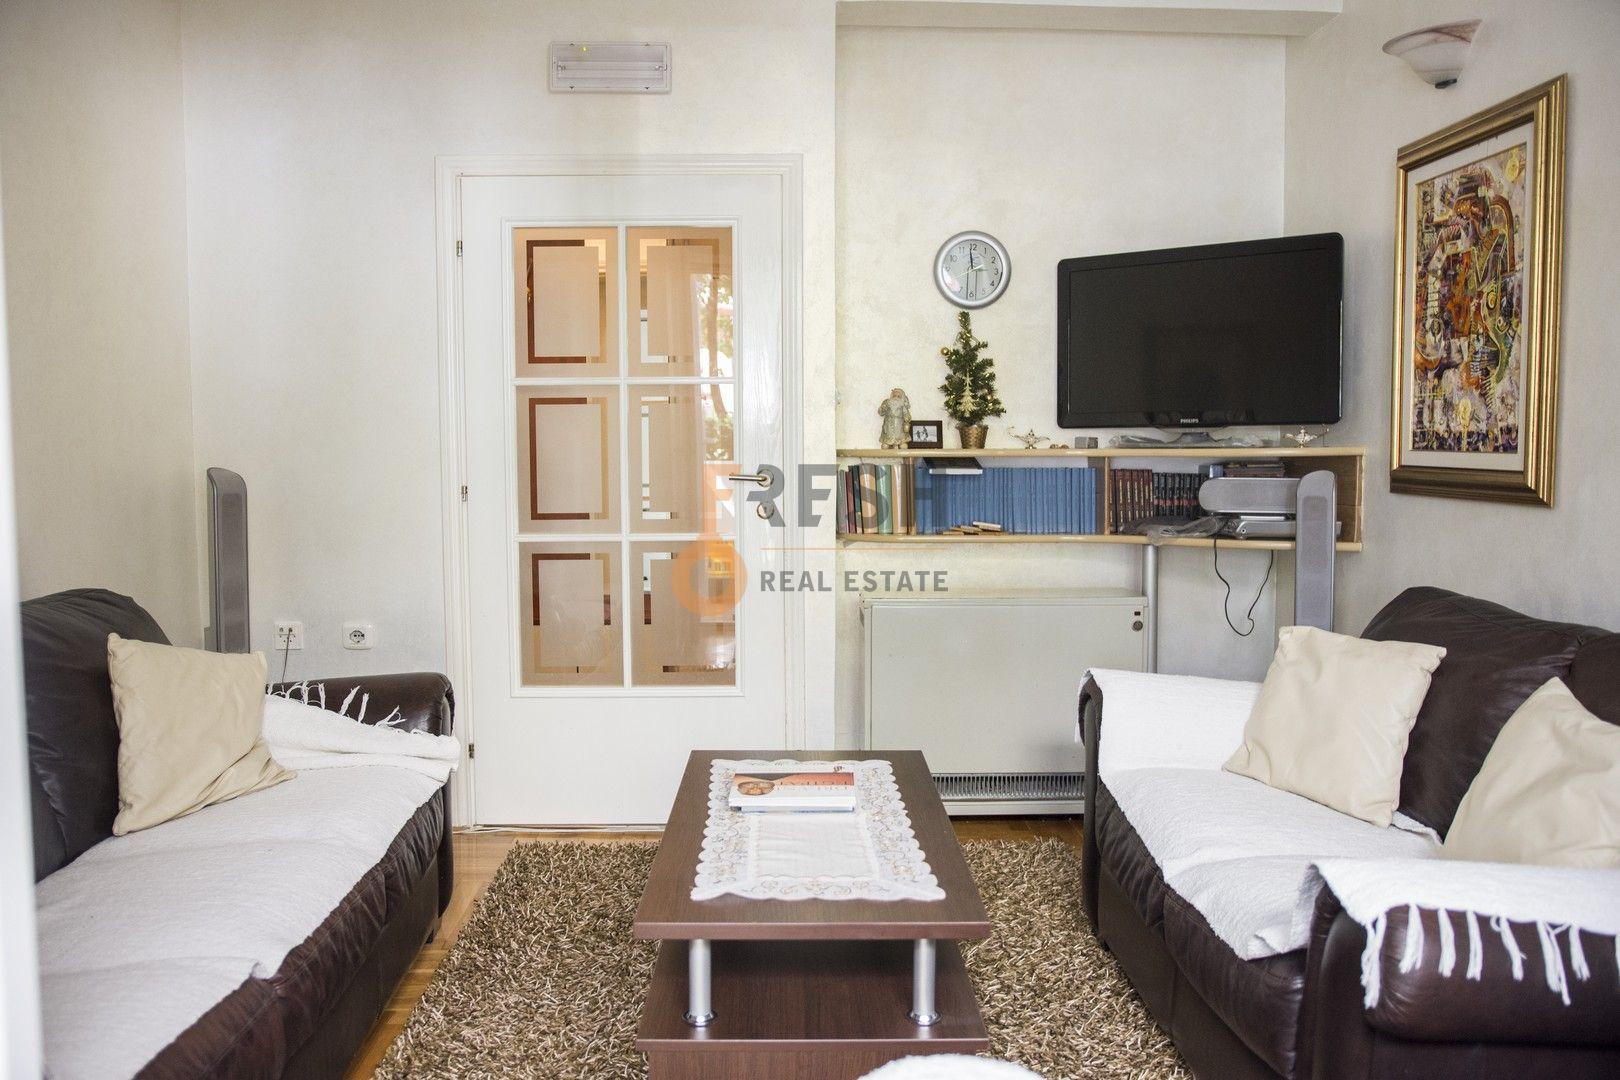 Jednosoban stan, 45m2, Gorica C, izdavanje - 2